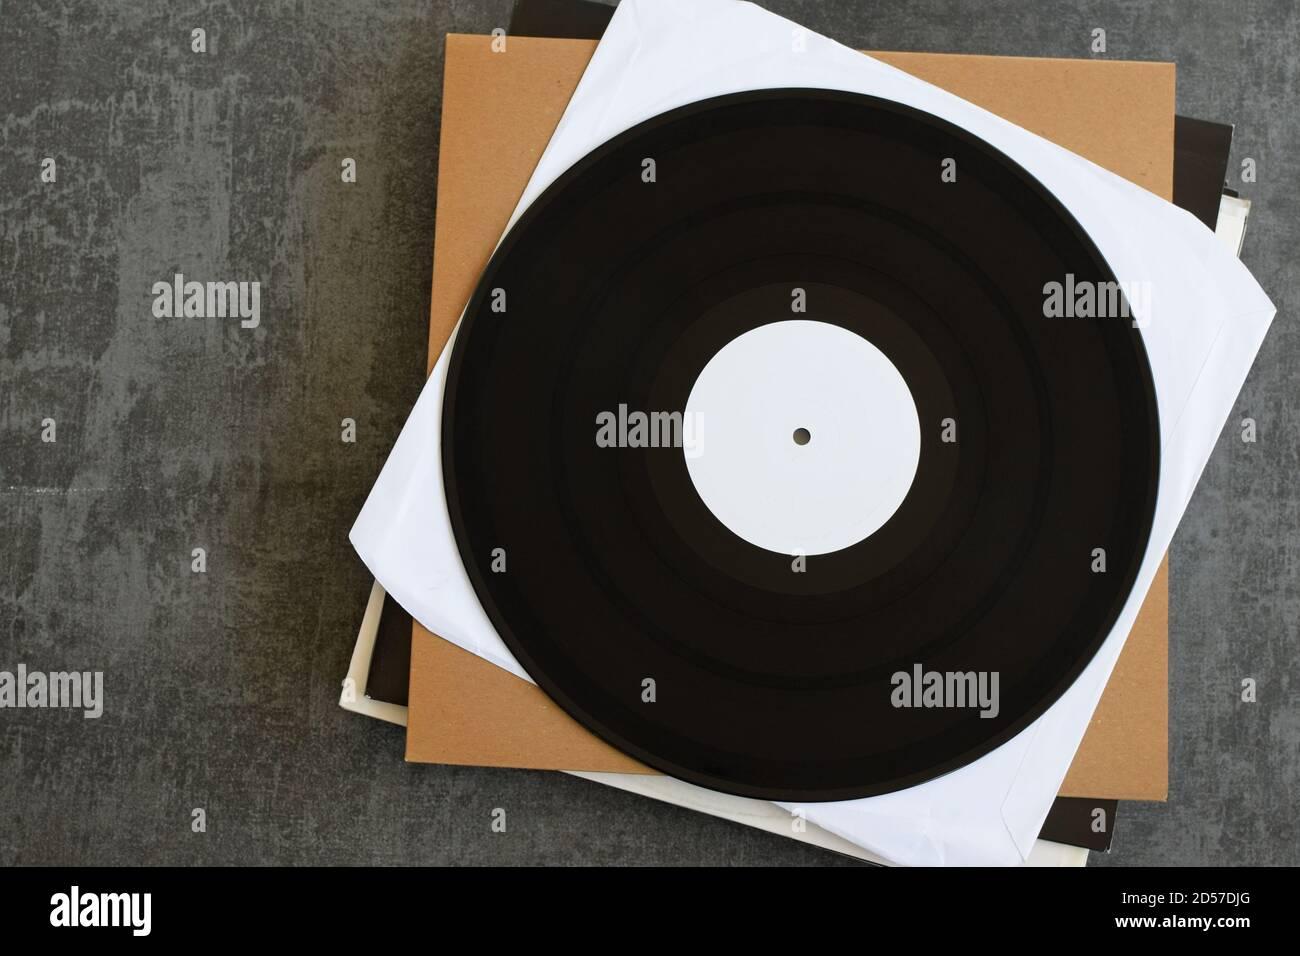 Dischi in vinile promozionali generici con etichetta bianca. Sfondo musicale con spazio di copia per il testo. Foto Stock